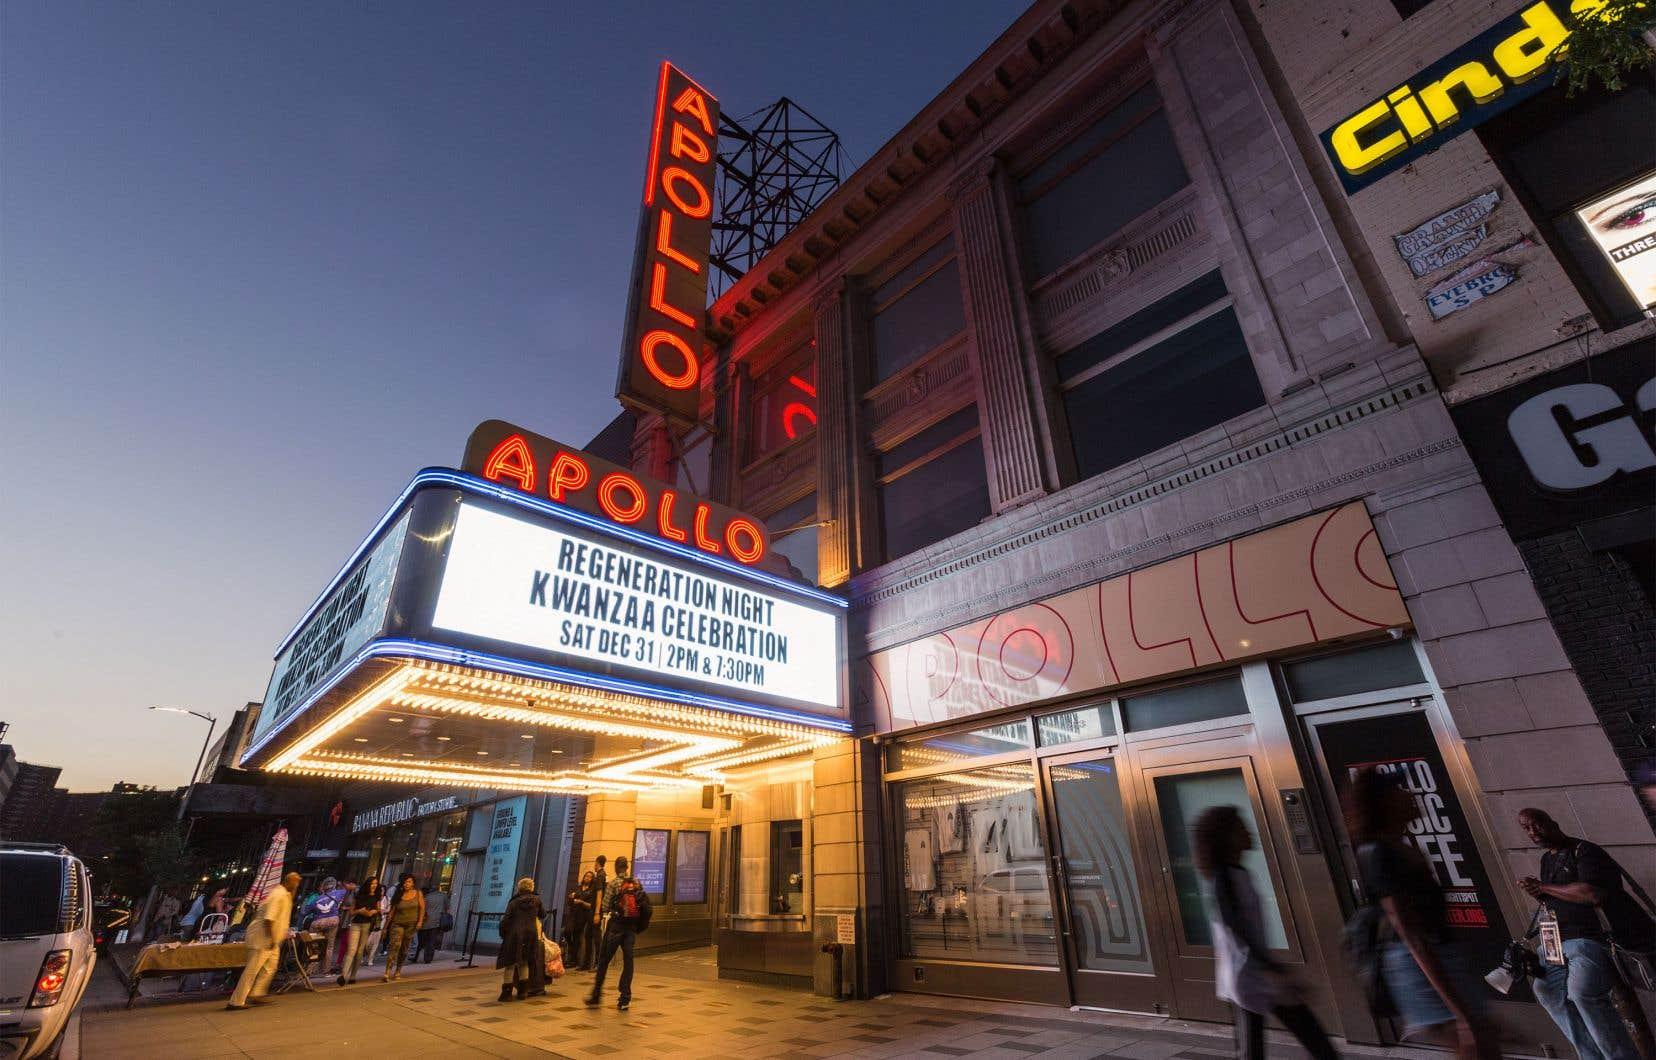 Peu importe le temps de l'année, l'Apollo Theater propose des spectacles presque tous les jours, allant de la musique soul au R&B, des ateliers d'écriture musicale et quelques événements gratuits.